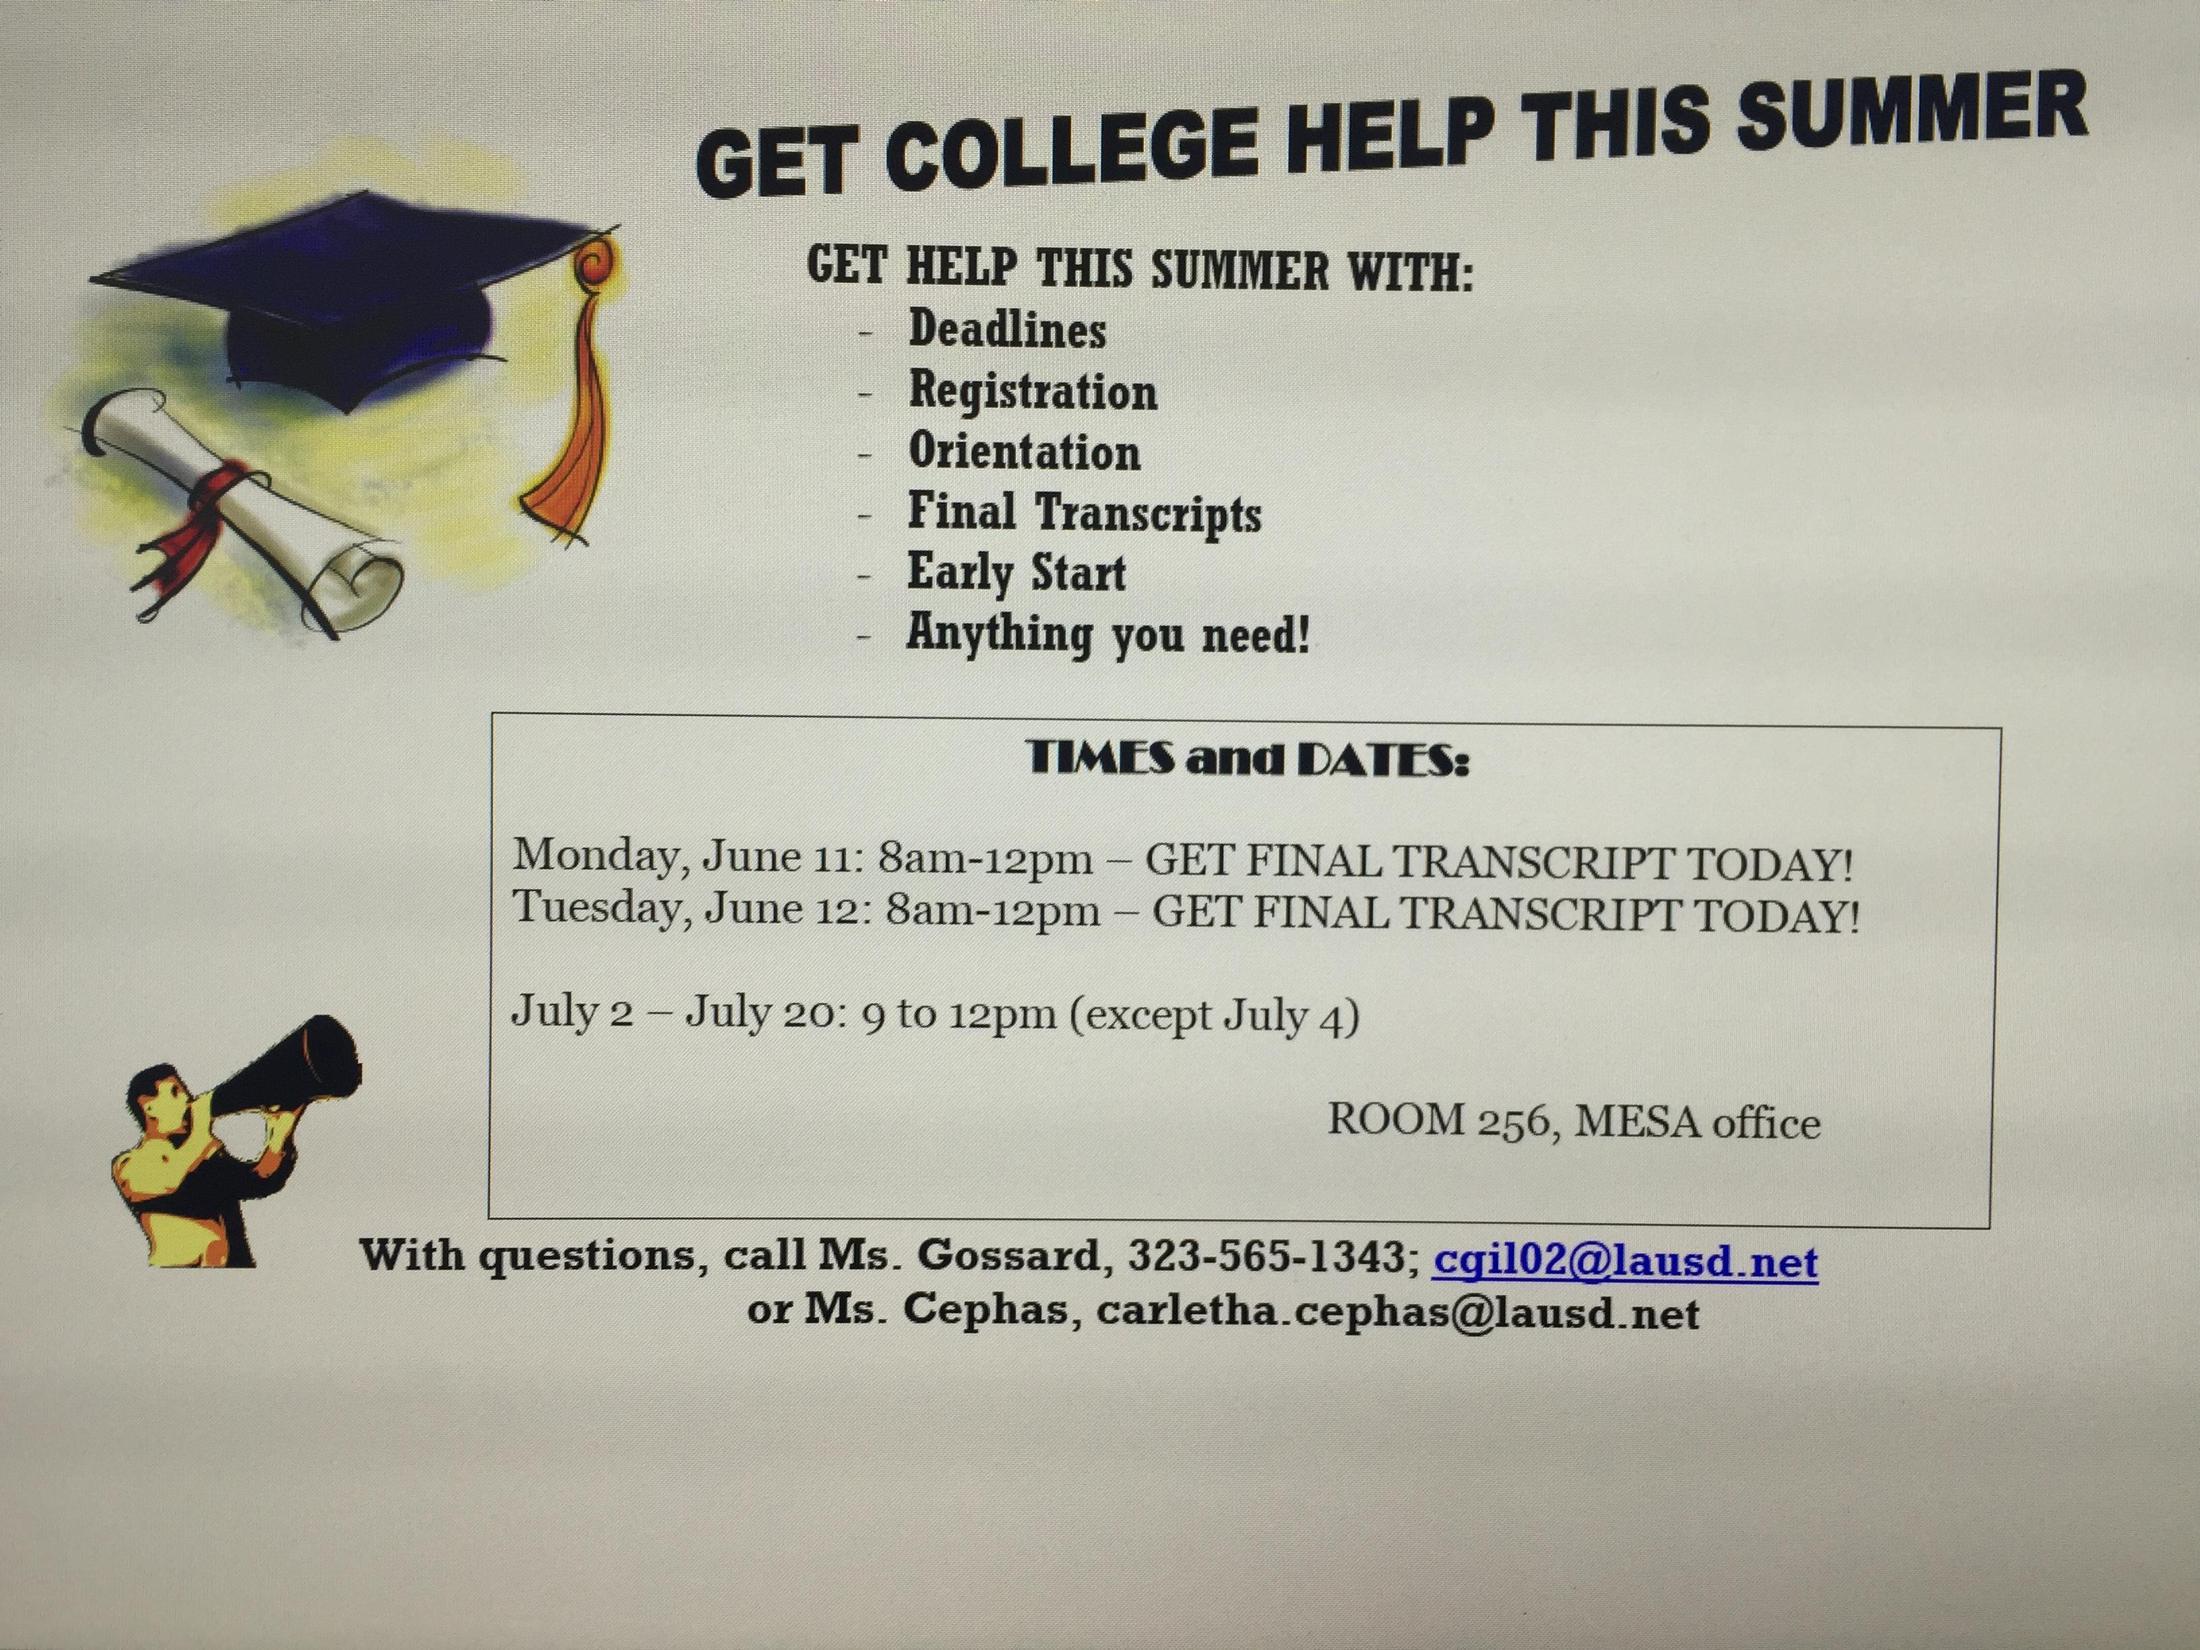 Get College Help Summer 2018 Get College Help Summer 2018 John C